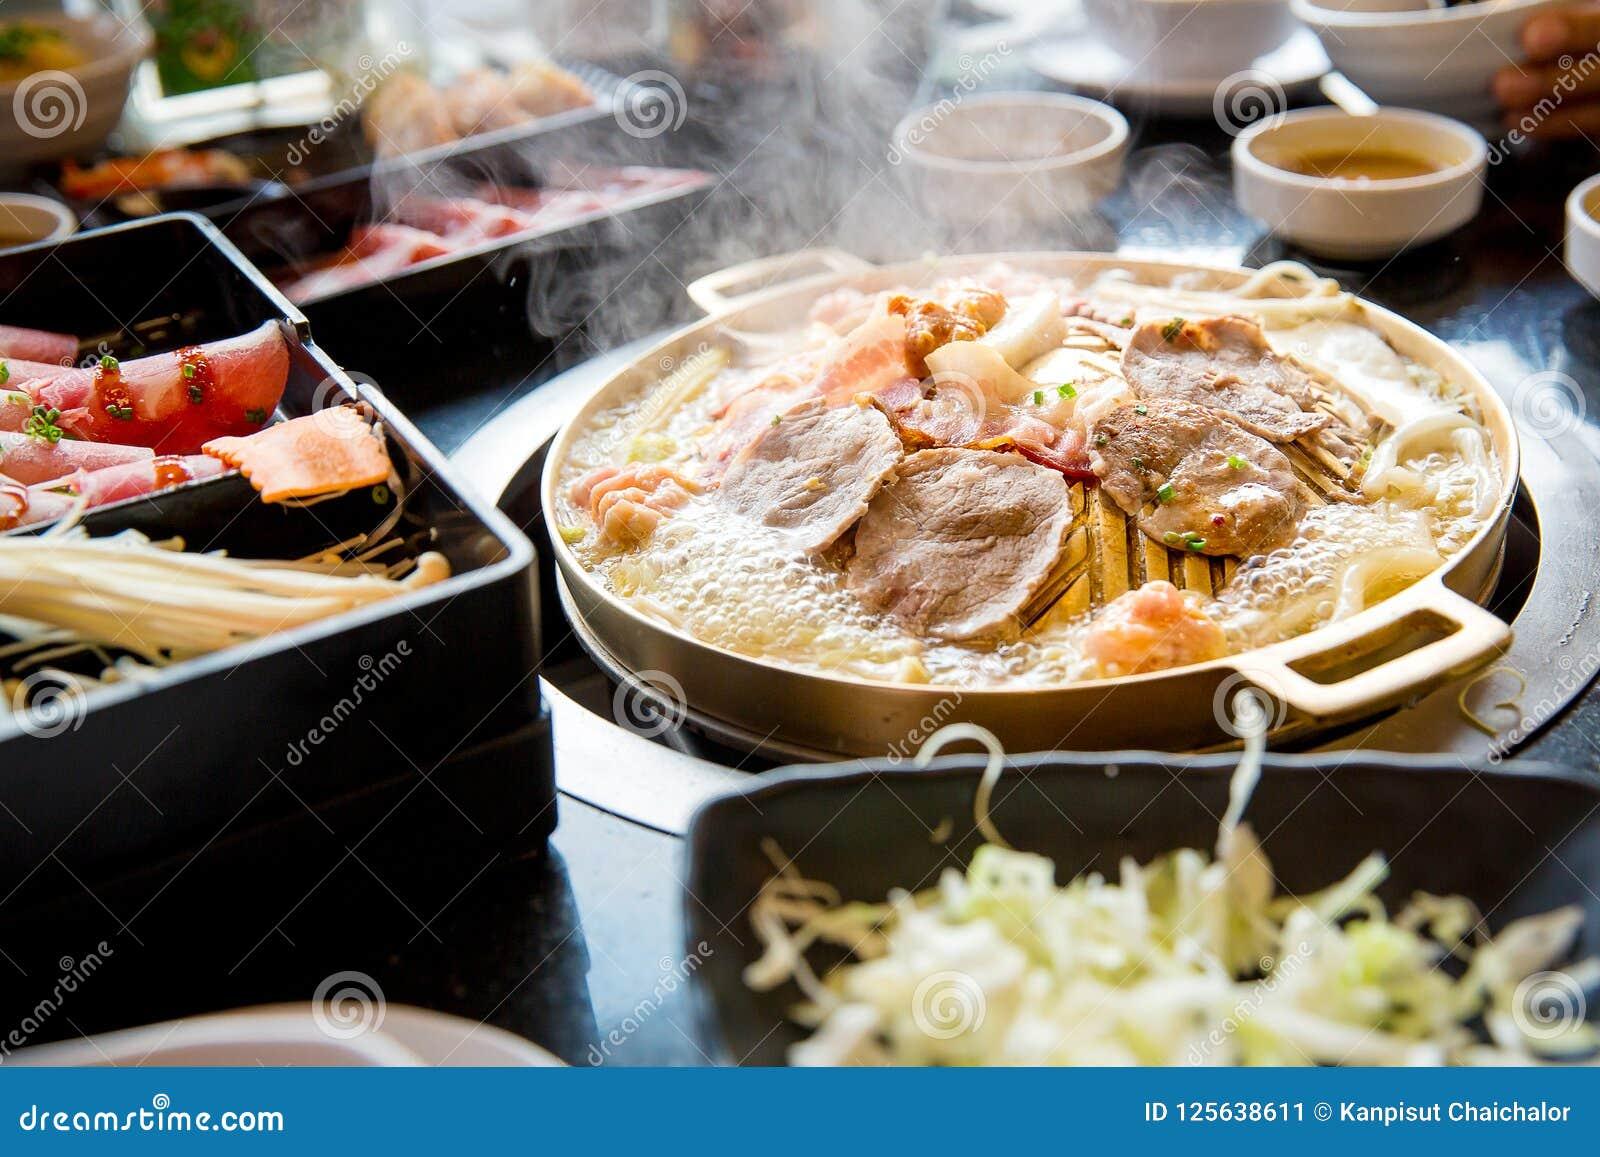 Varkensvleesplak op yakiniku hete pan die wordt geroosterd Barbecue Japanse stijl